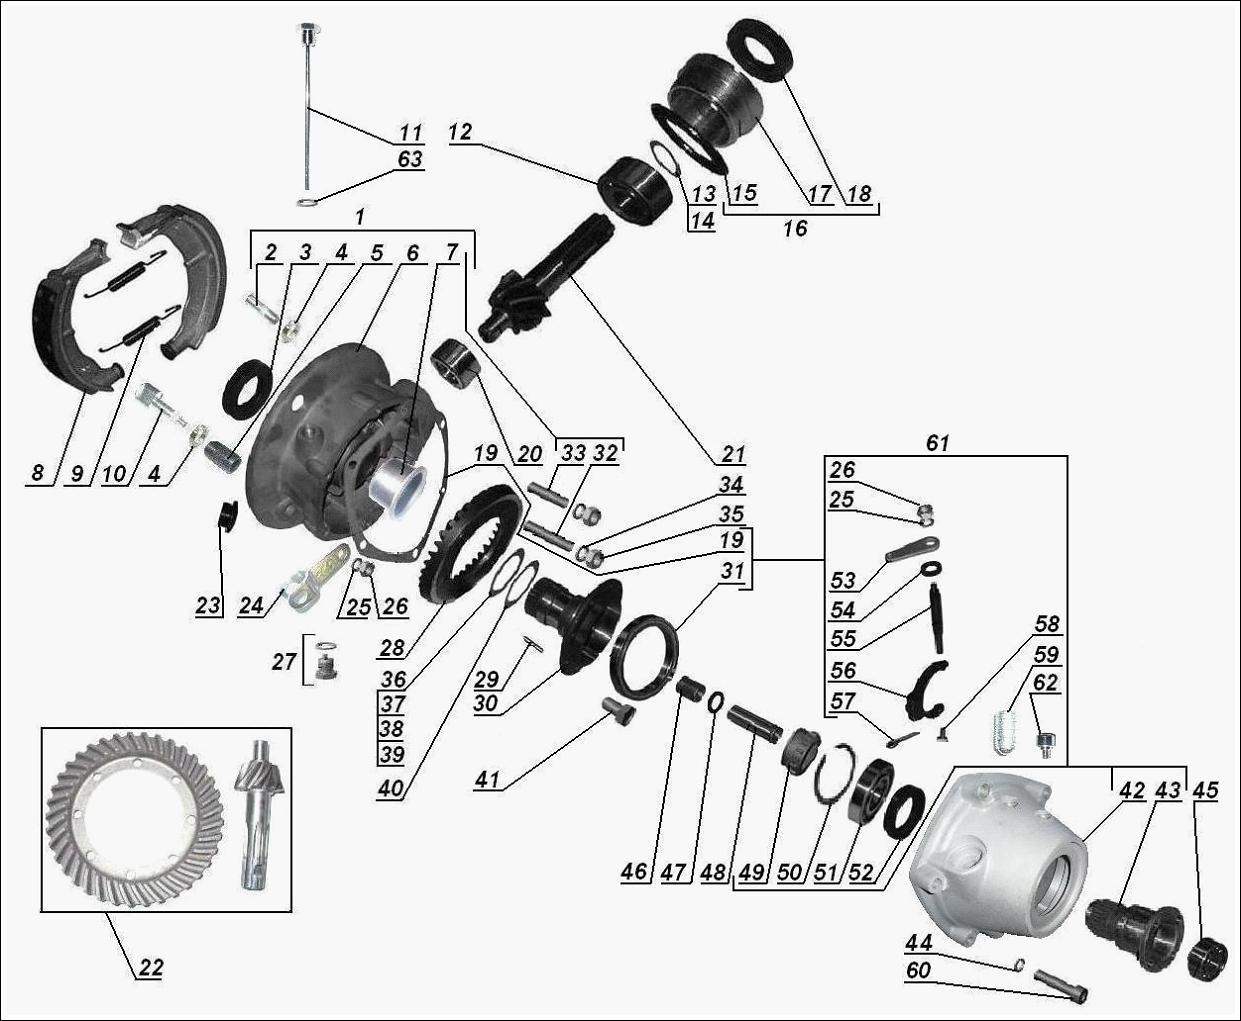 [DIAGRAM] Honda Cm400 Wiring Diagram FULL Version HD